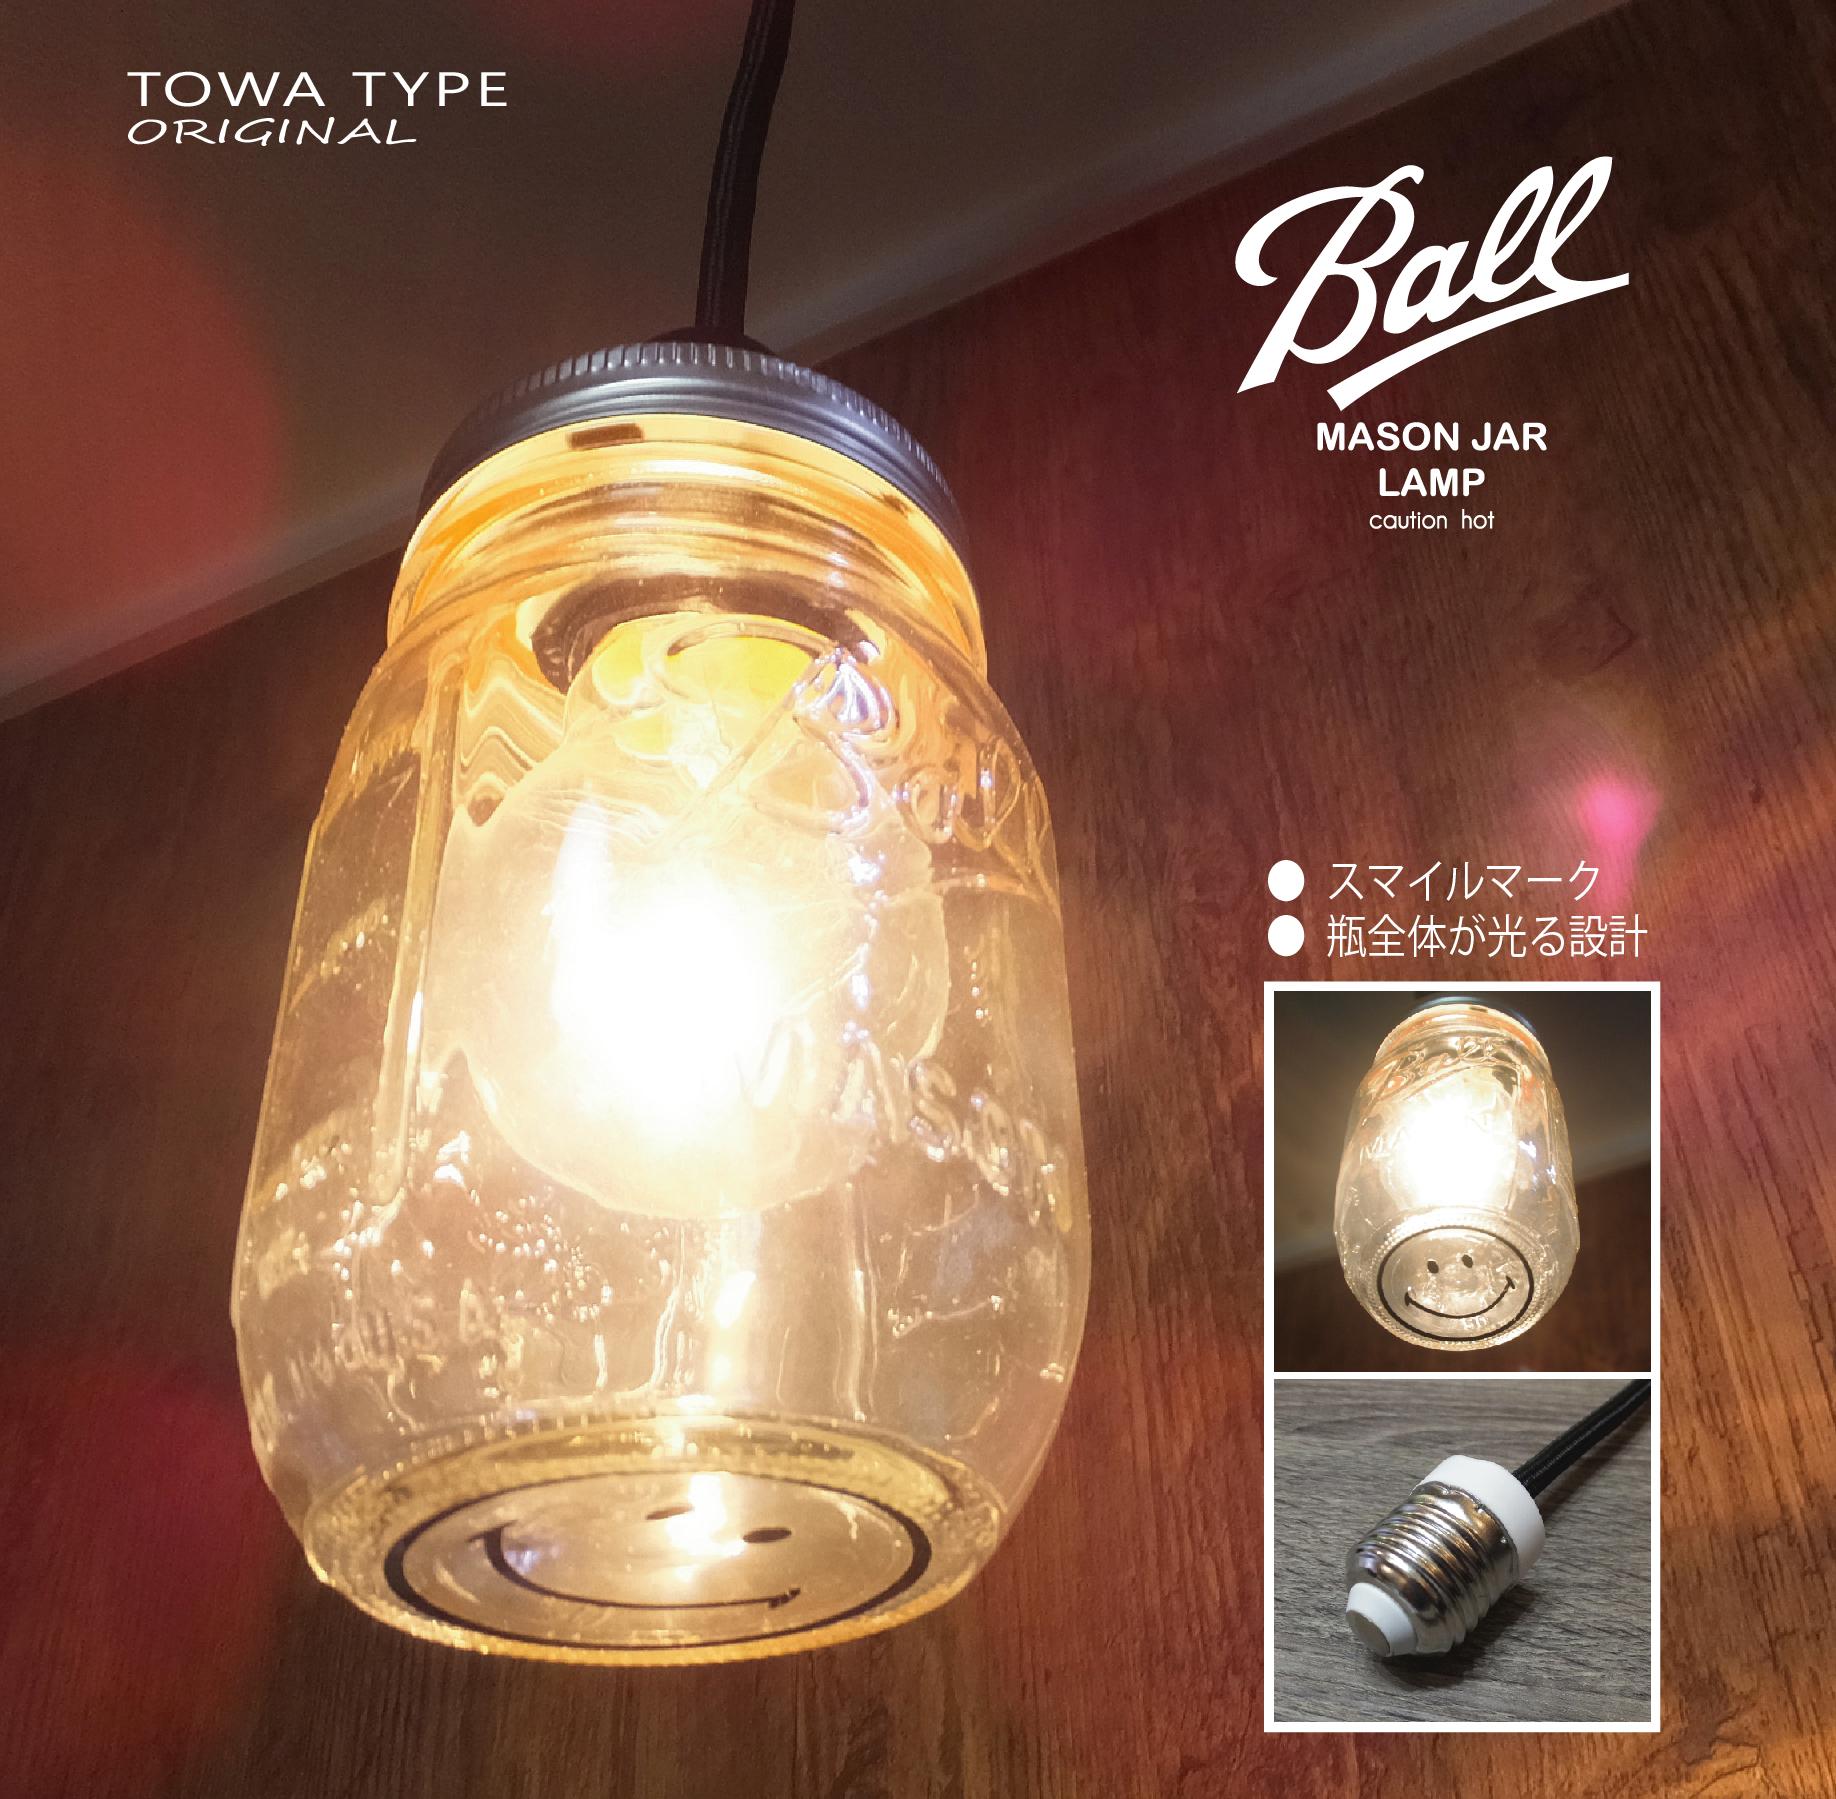 Ballメイソンジャーランプ 電球交換タイプ トイレ 玄関   ペンダントライト